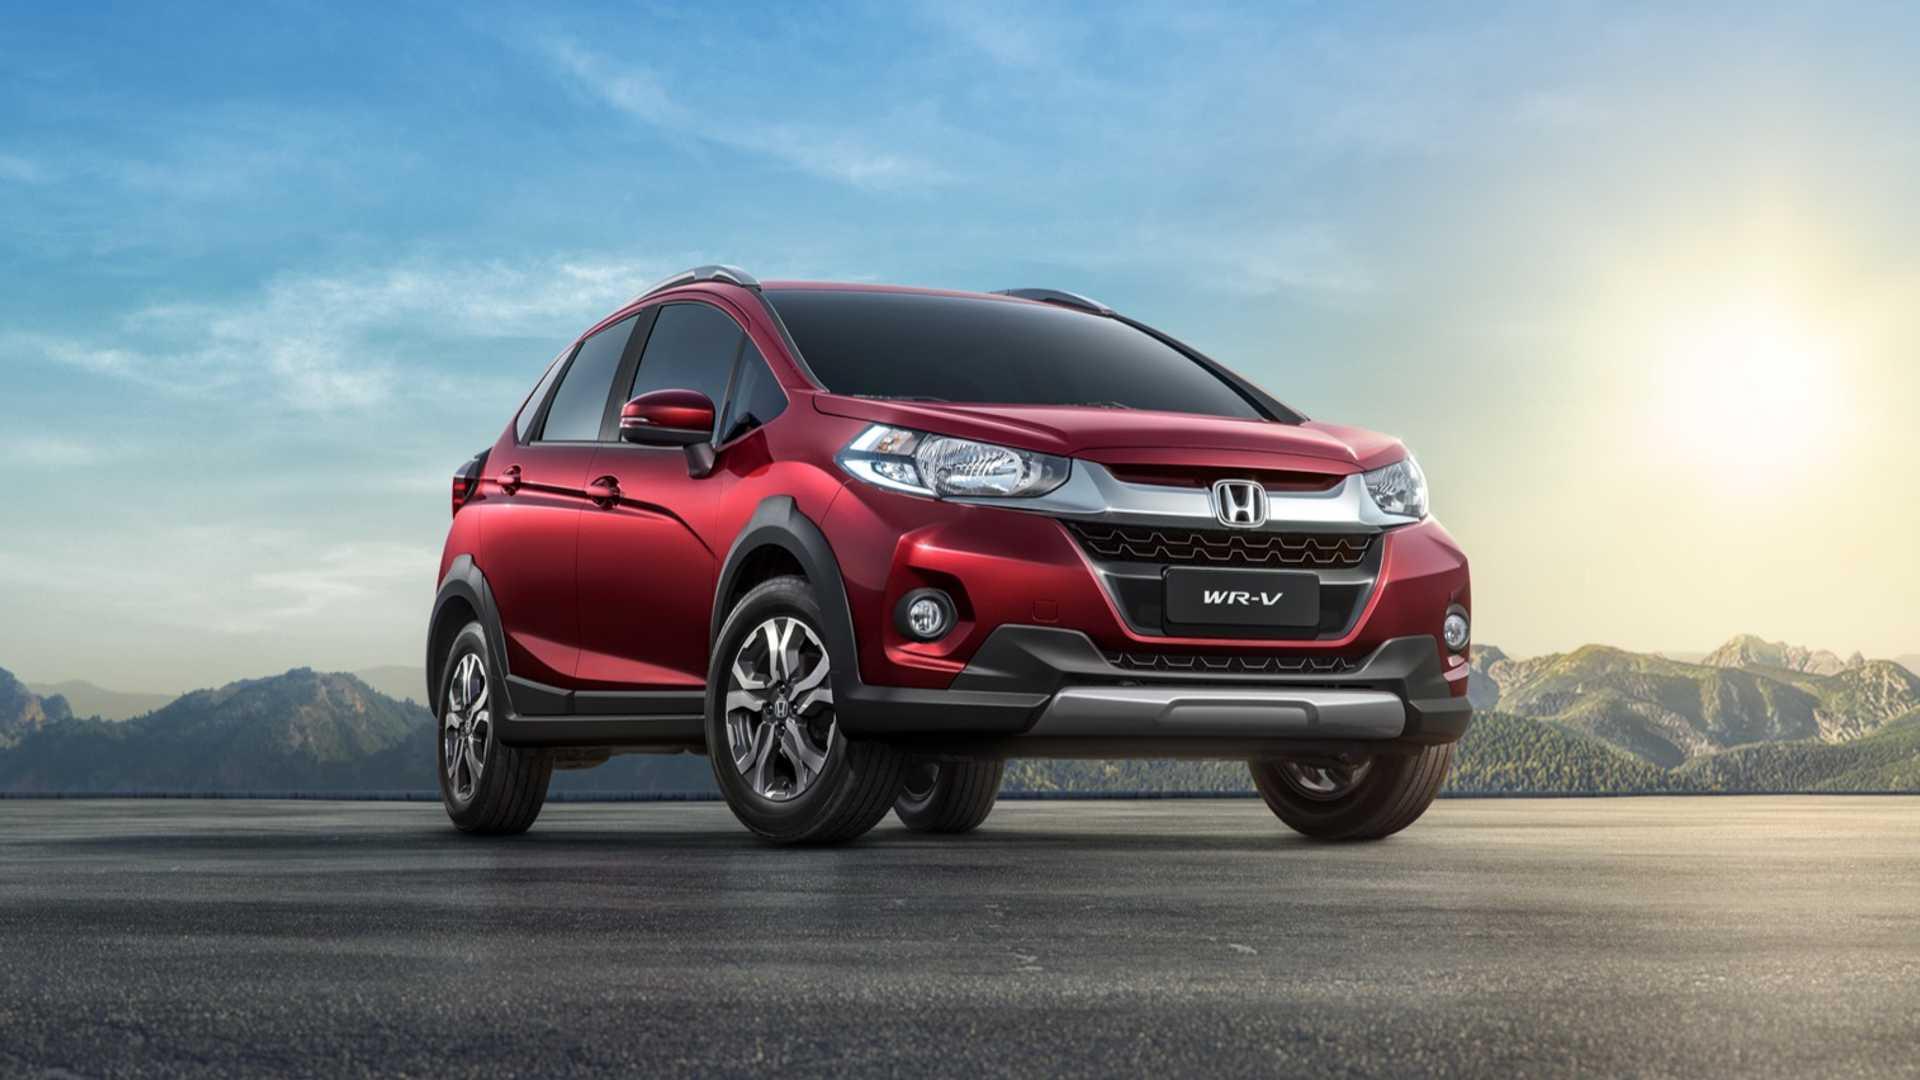 Honda planeja SUV elétrico de baixo custo para mercados emergentes